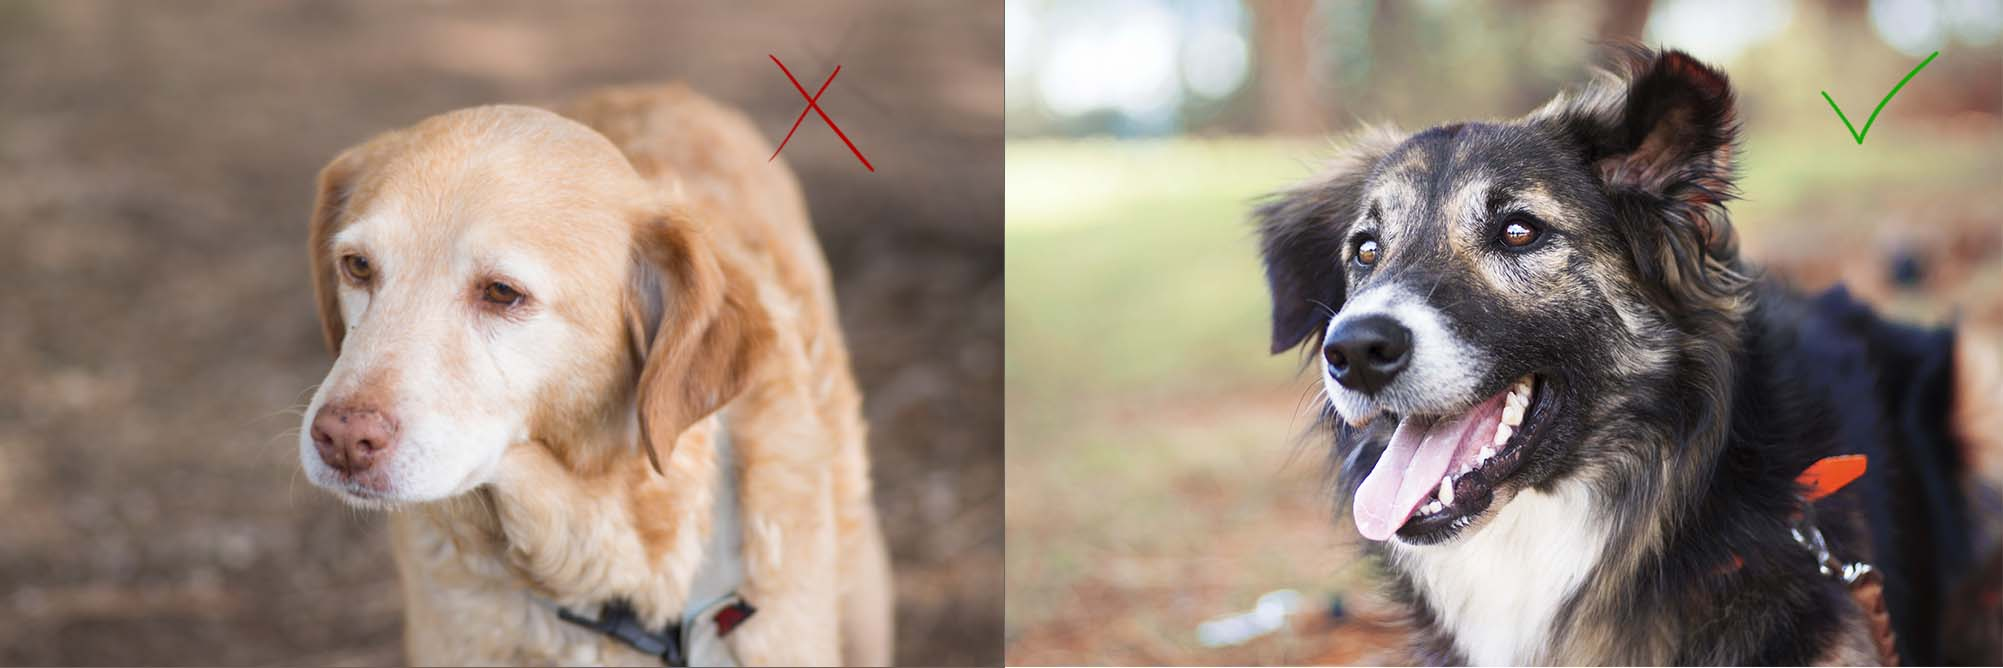 conseils photo photographie réussir animaux animalière chat animal compagnie photographe astuces techniques chien